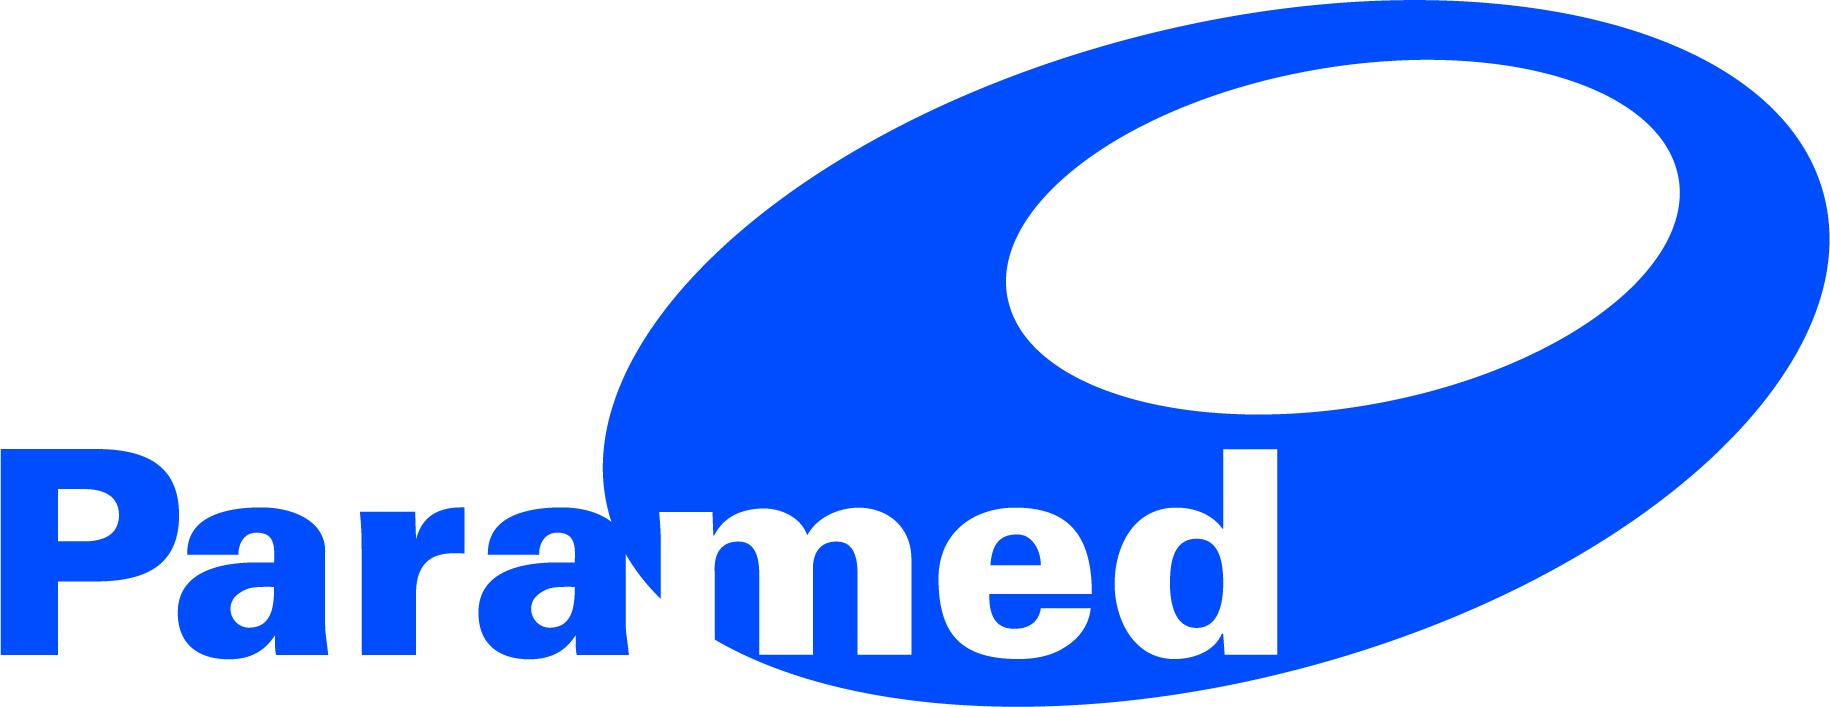 Medicosearch-Partnerin Melanie Rodrigues von Paramed erzählt über die Zusammenarbeit mit Medicosearch